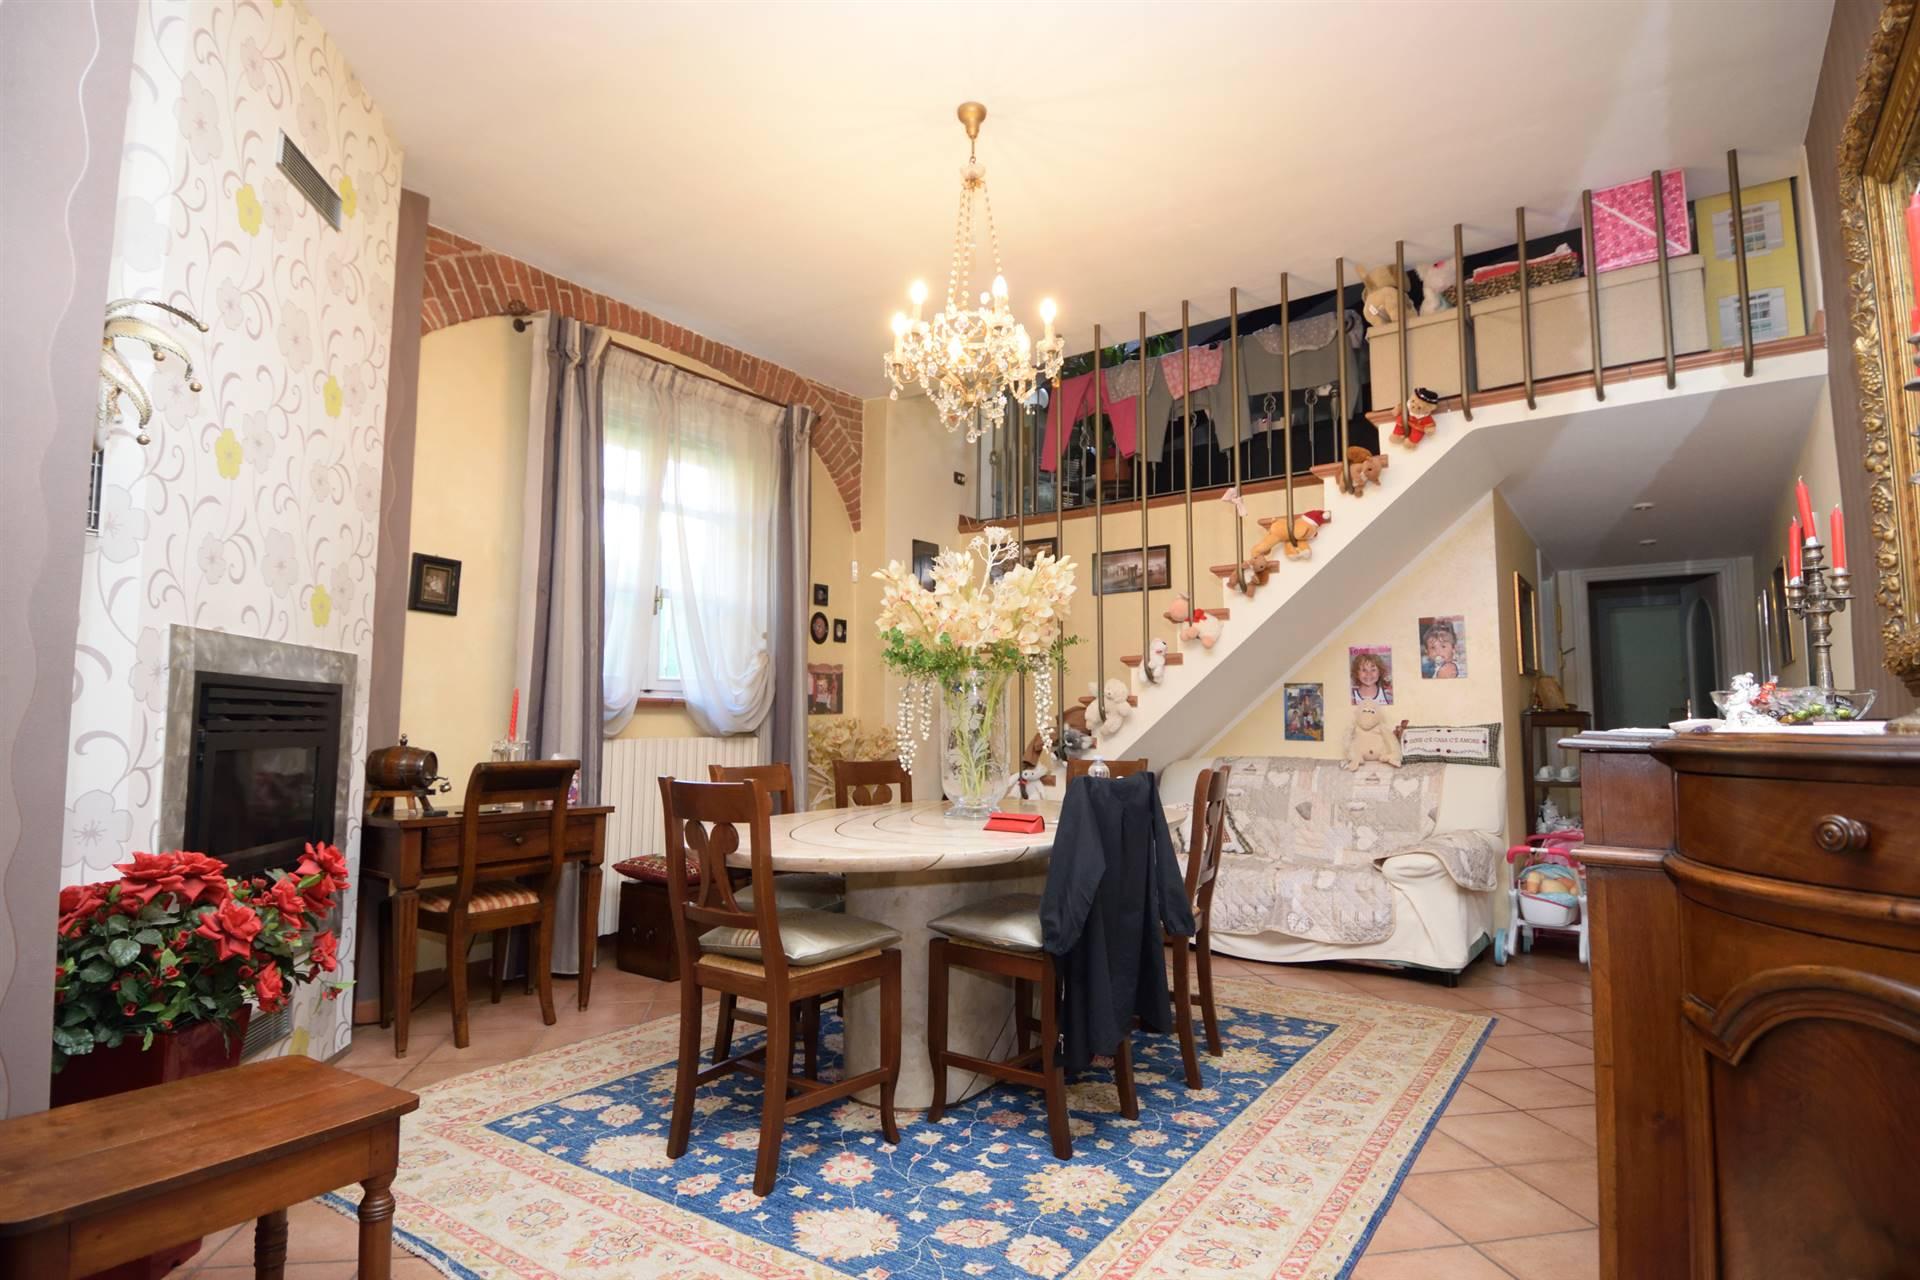 Appartamento in vendita a Biella, 5 locali, zona ro, prezzo € 125.000 | PortaleAgenzieImmobiliari.it